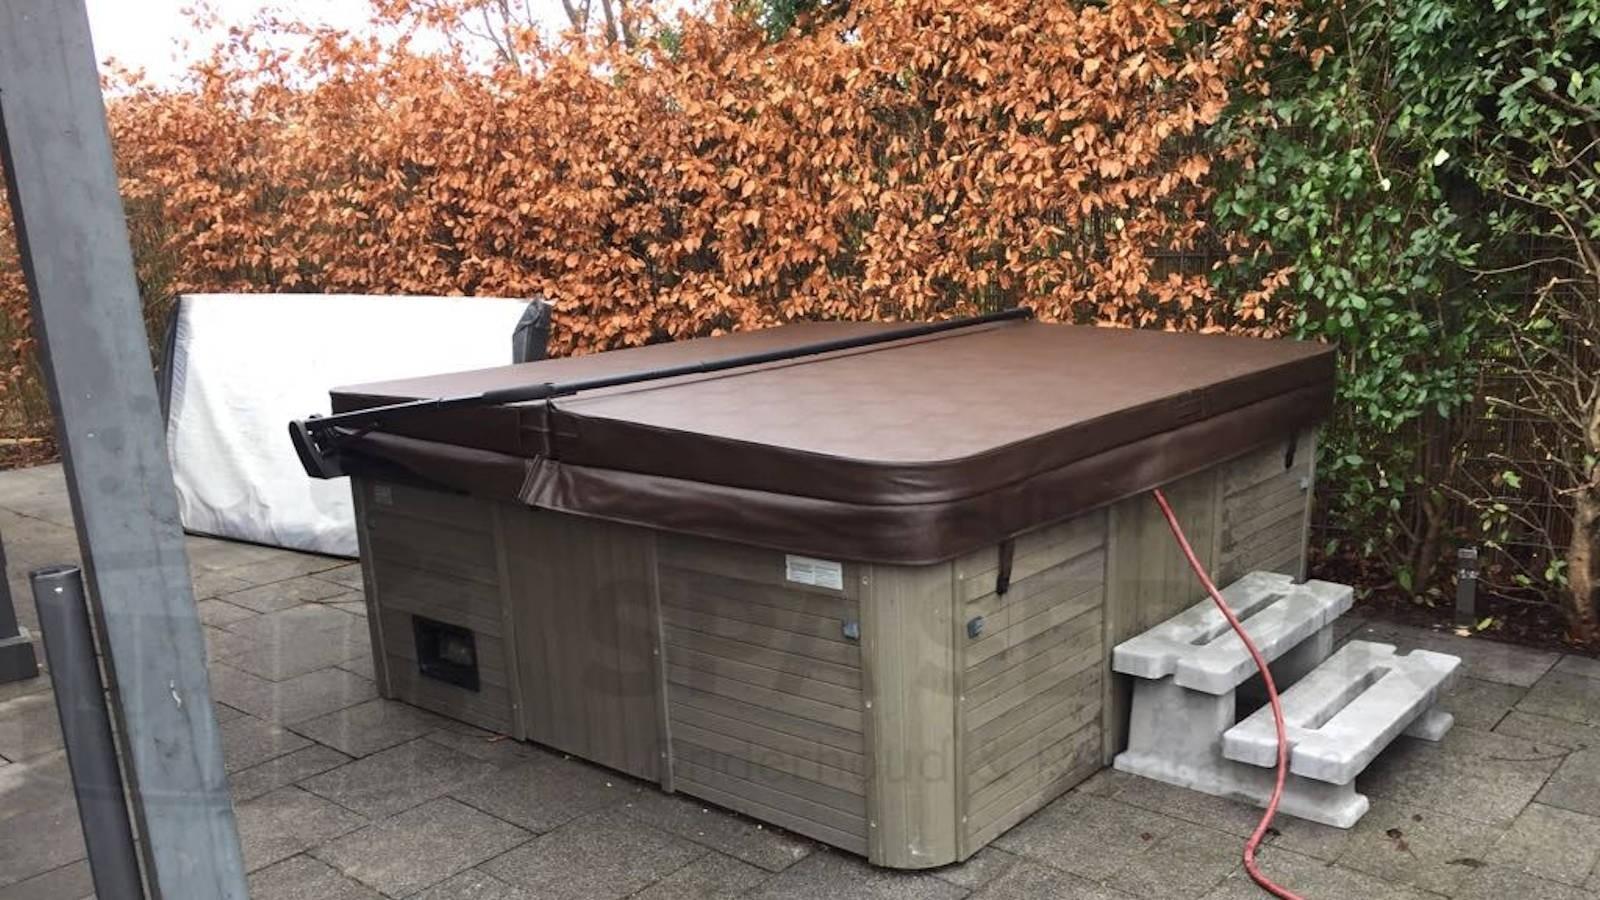 Nieuwe spa cover, ozonator vervangen en algehele controle van een Bubbelkoning spa in Rotterdam